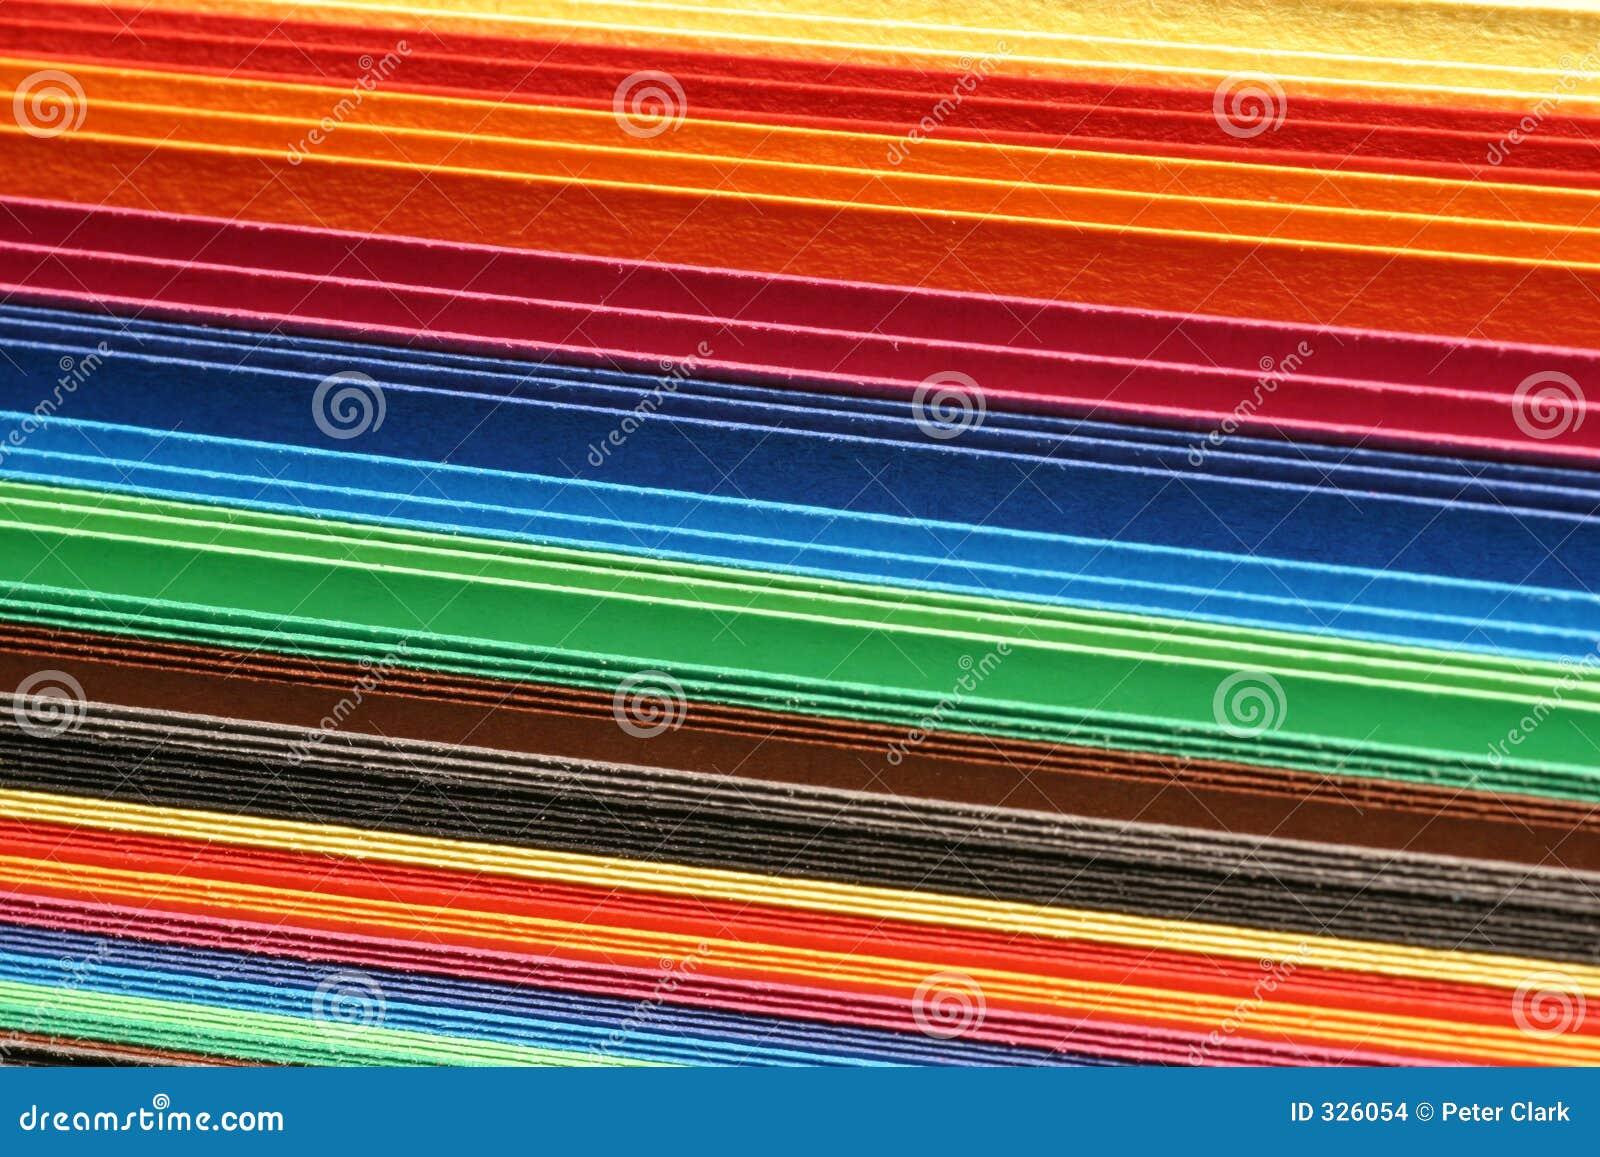 Karton kolorowych